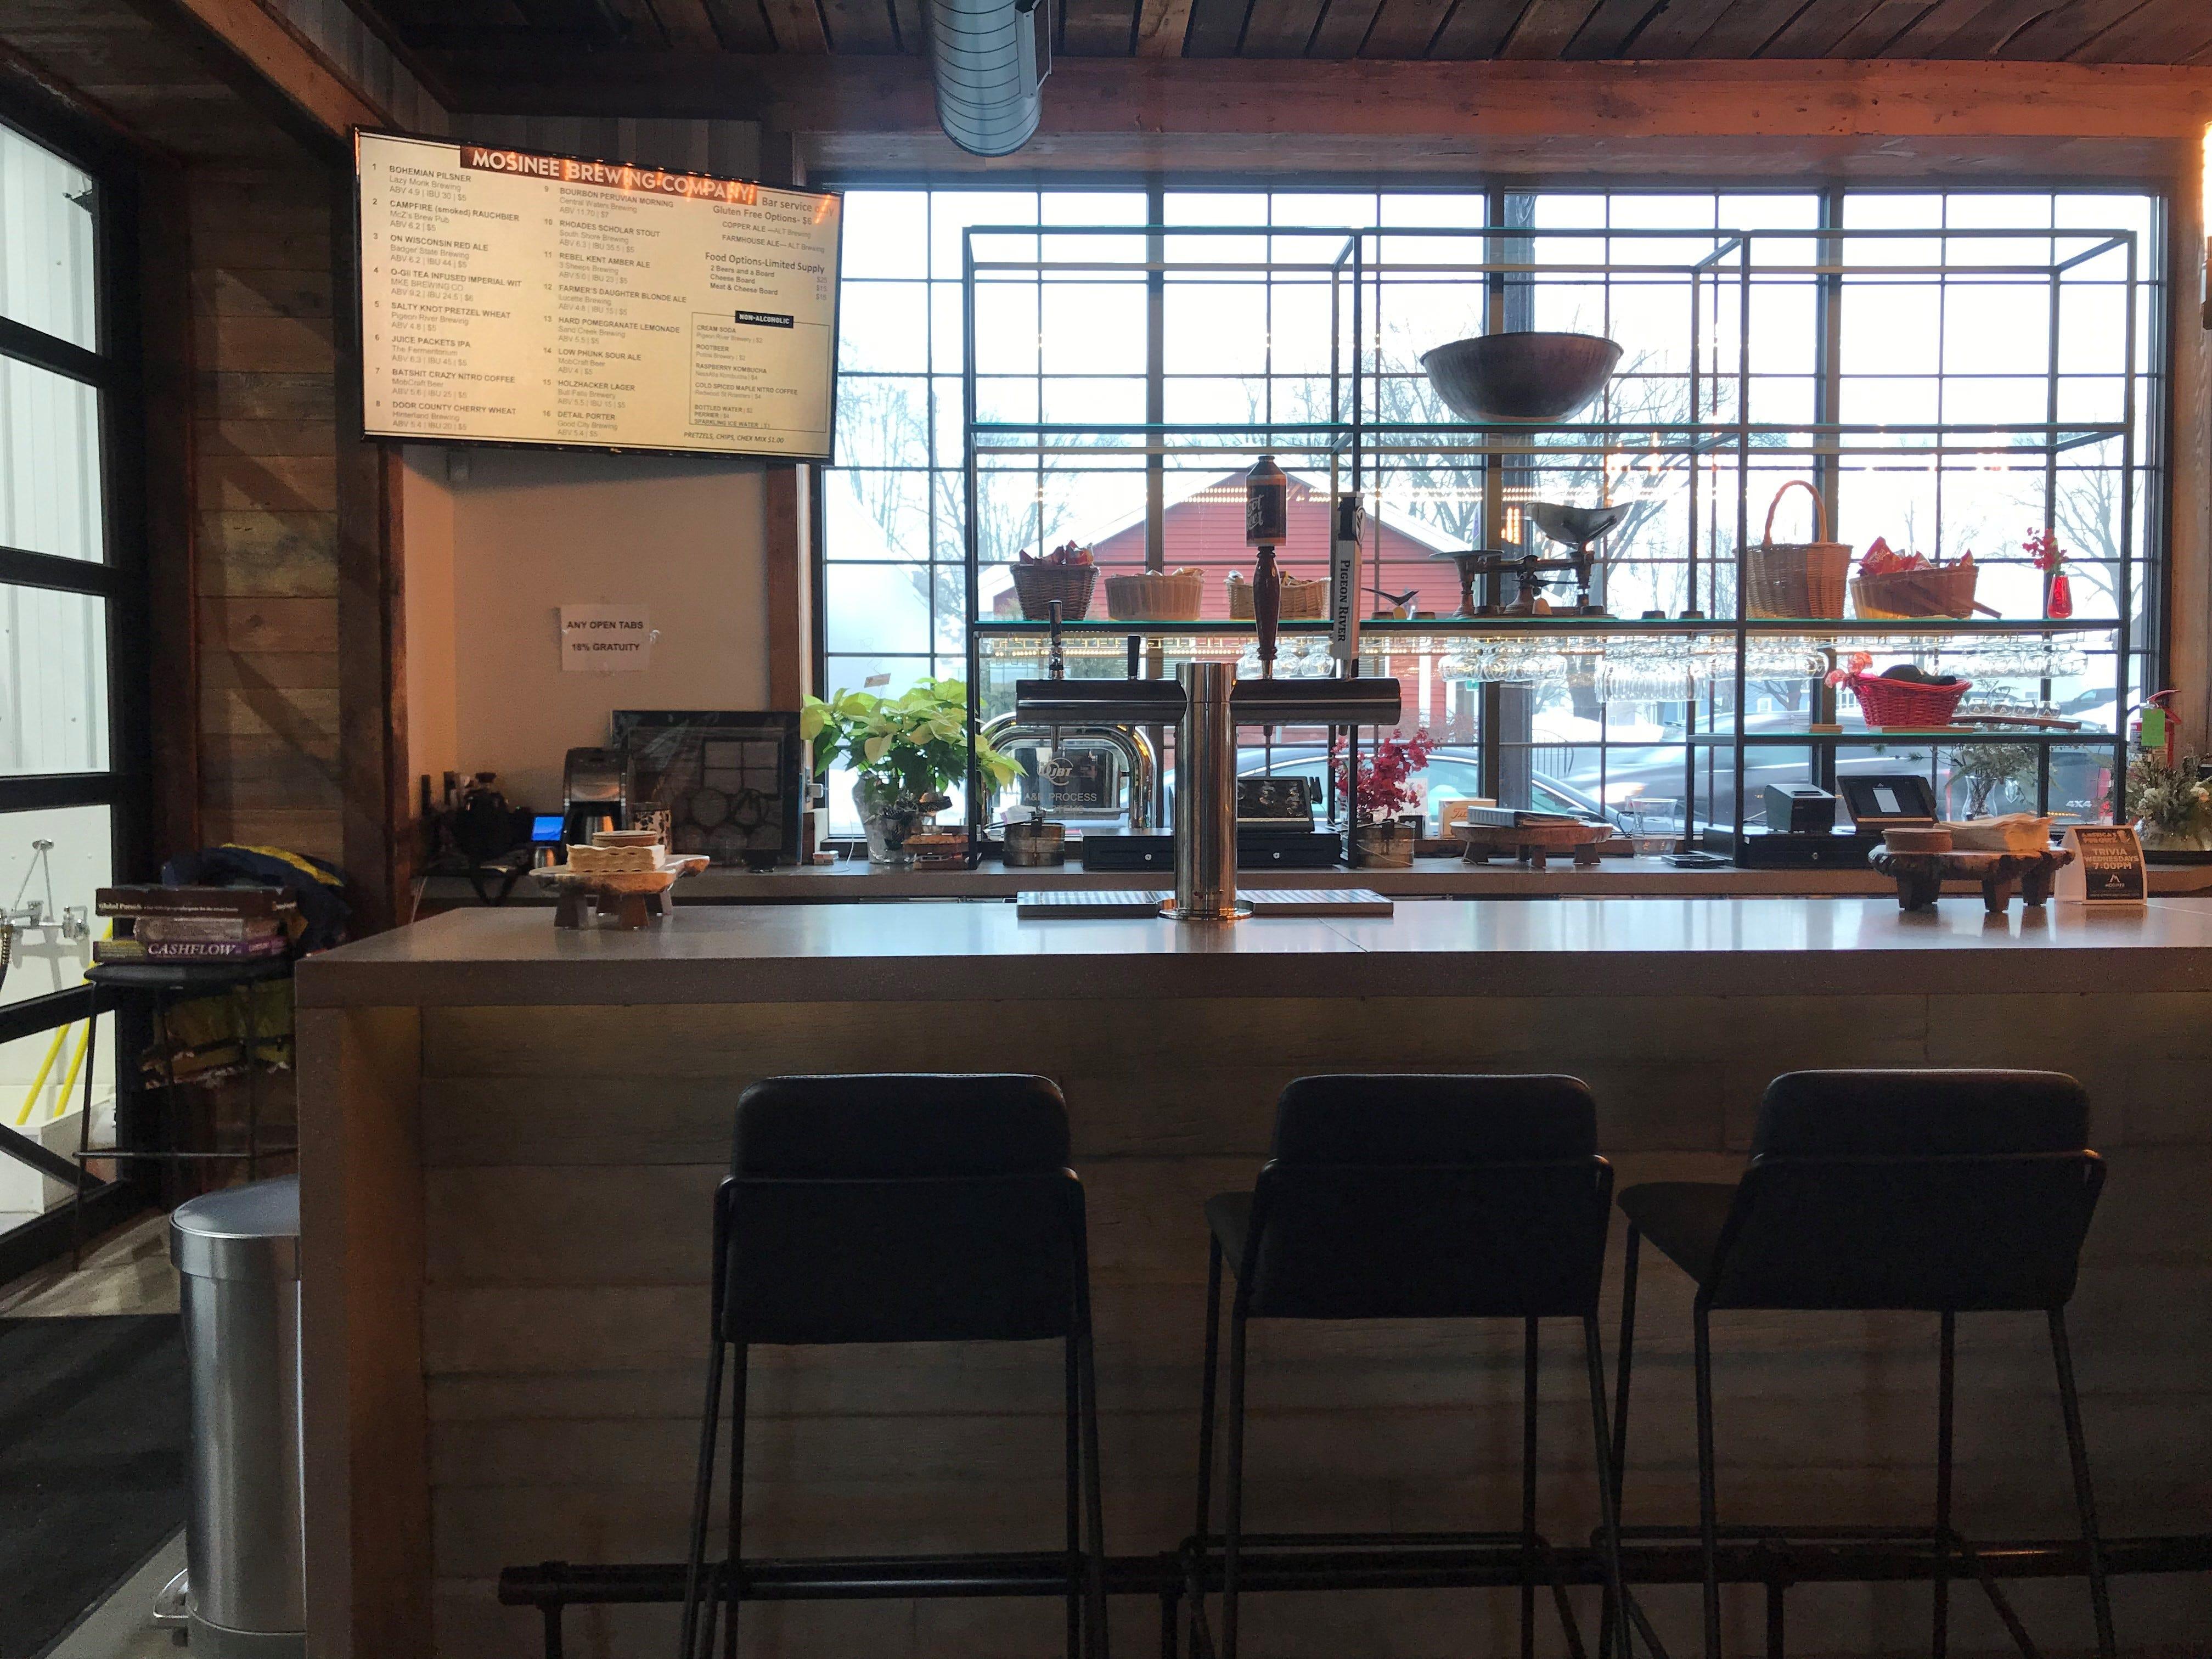 Behind the bar at Mosinee Brewing Company.